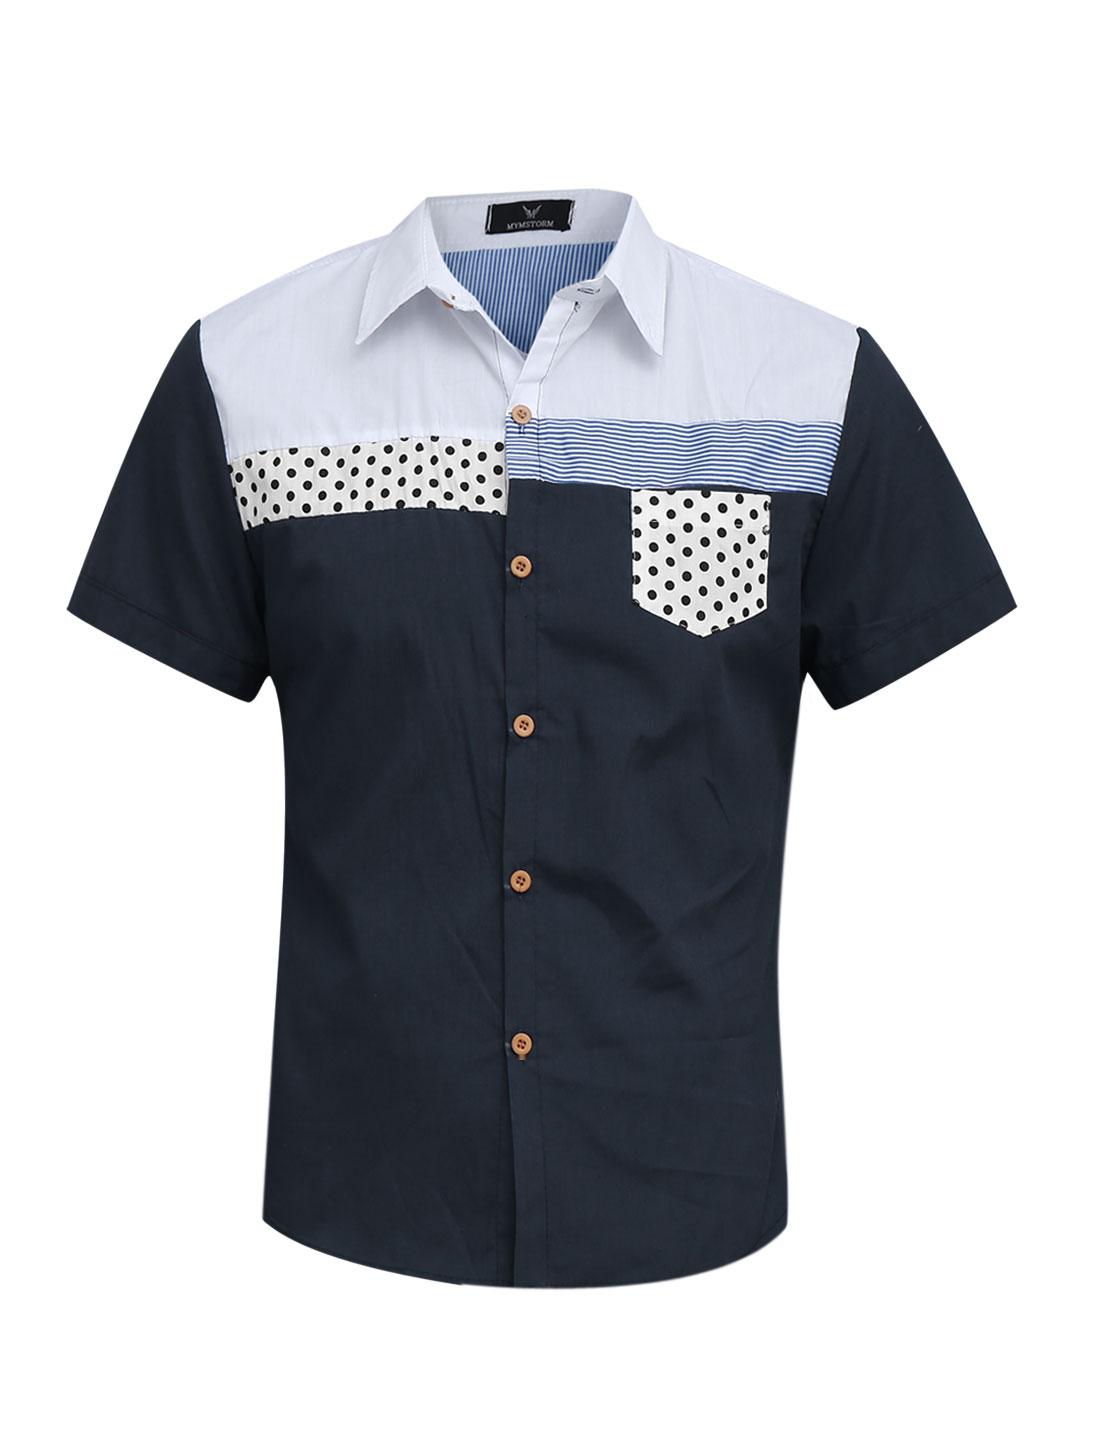 Men Dots Stripes One Chest Pocket Cozy Fit Top Shirt Navy Blue M